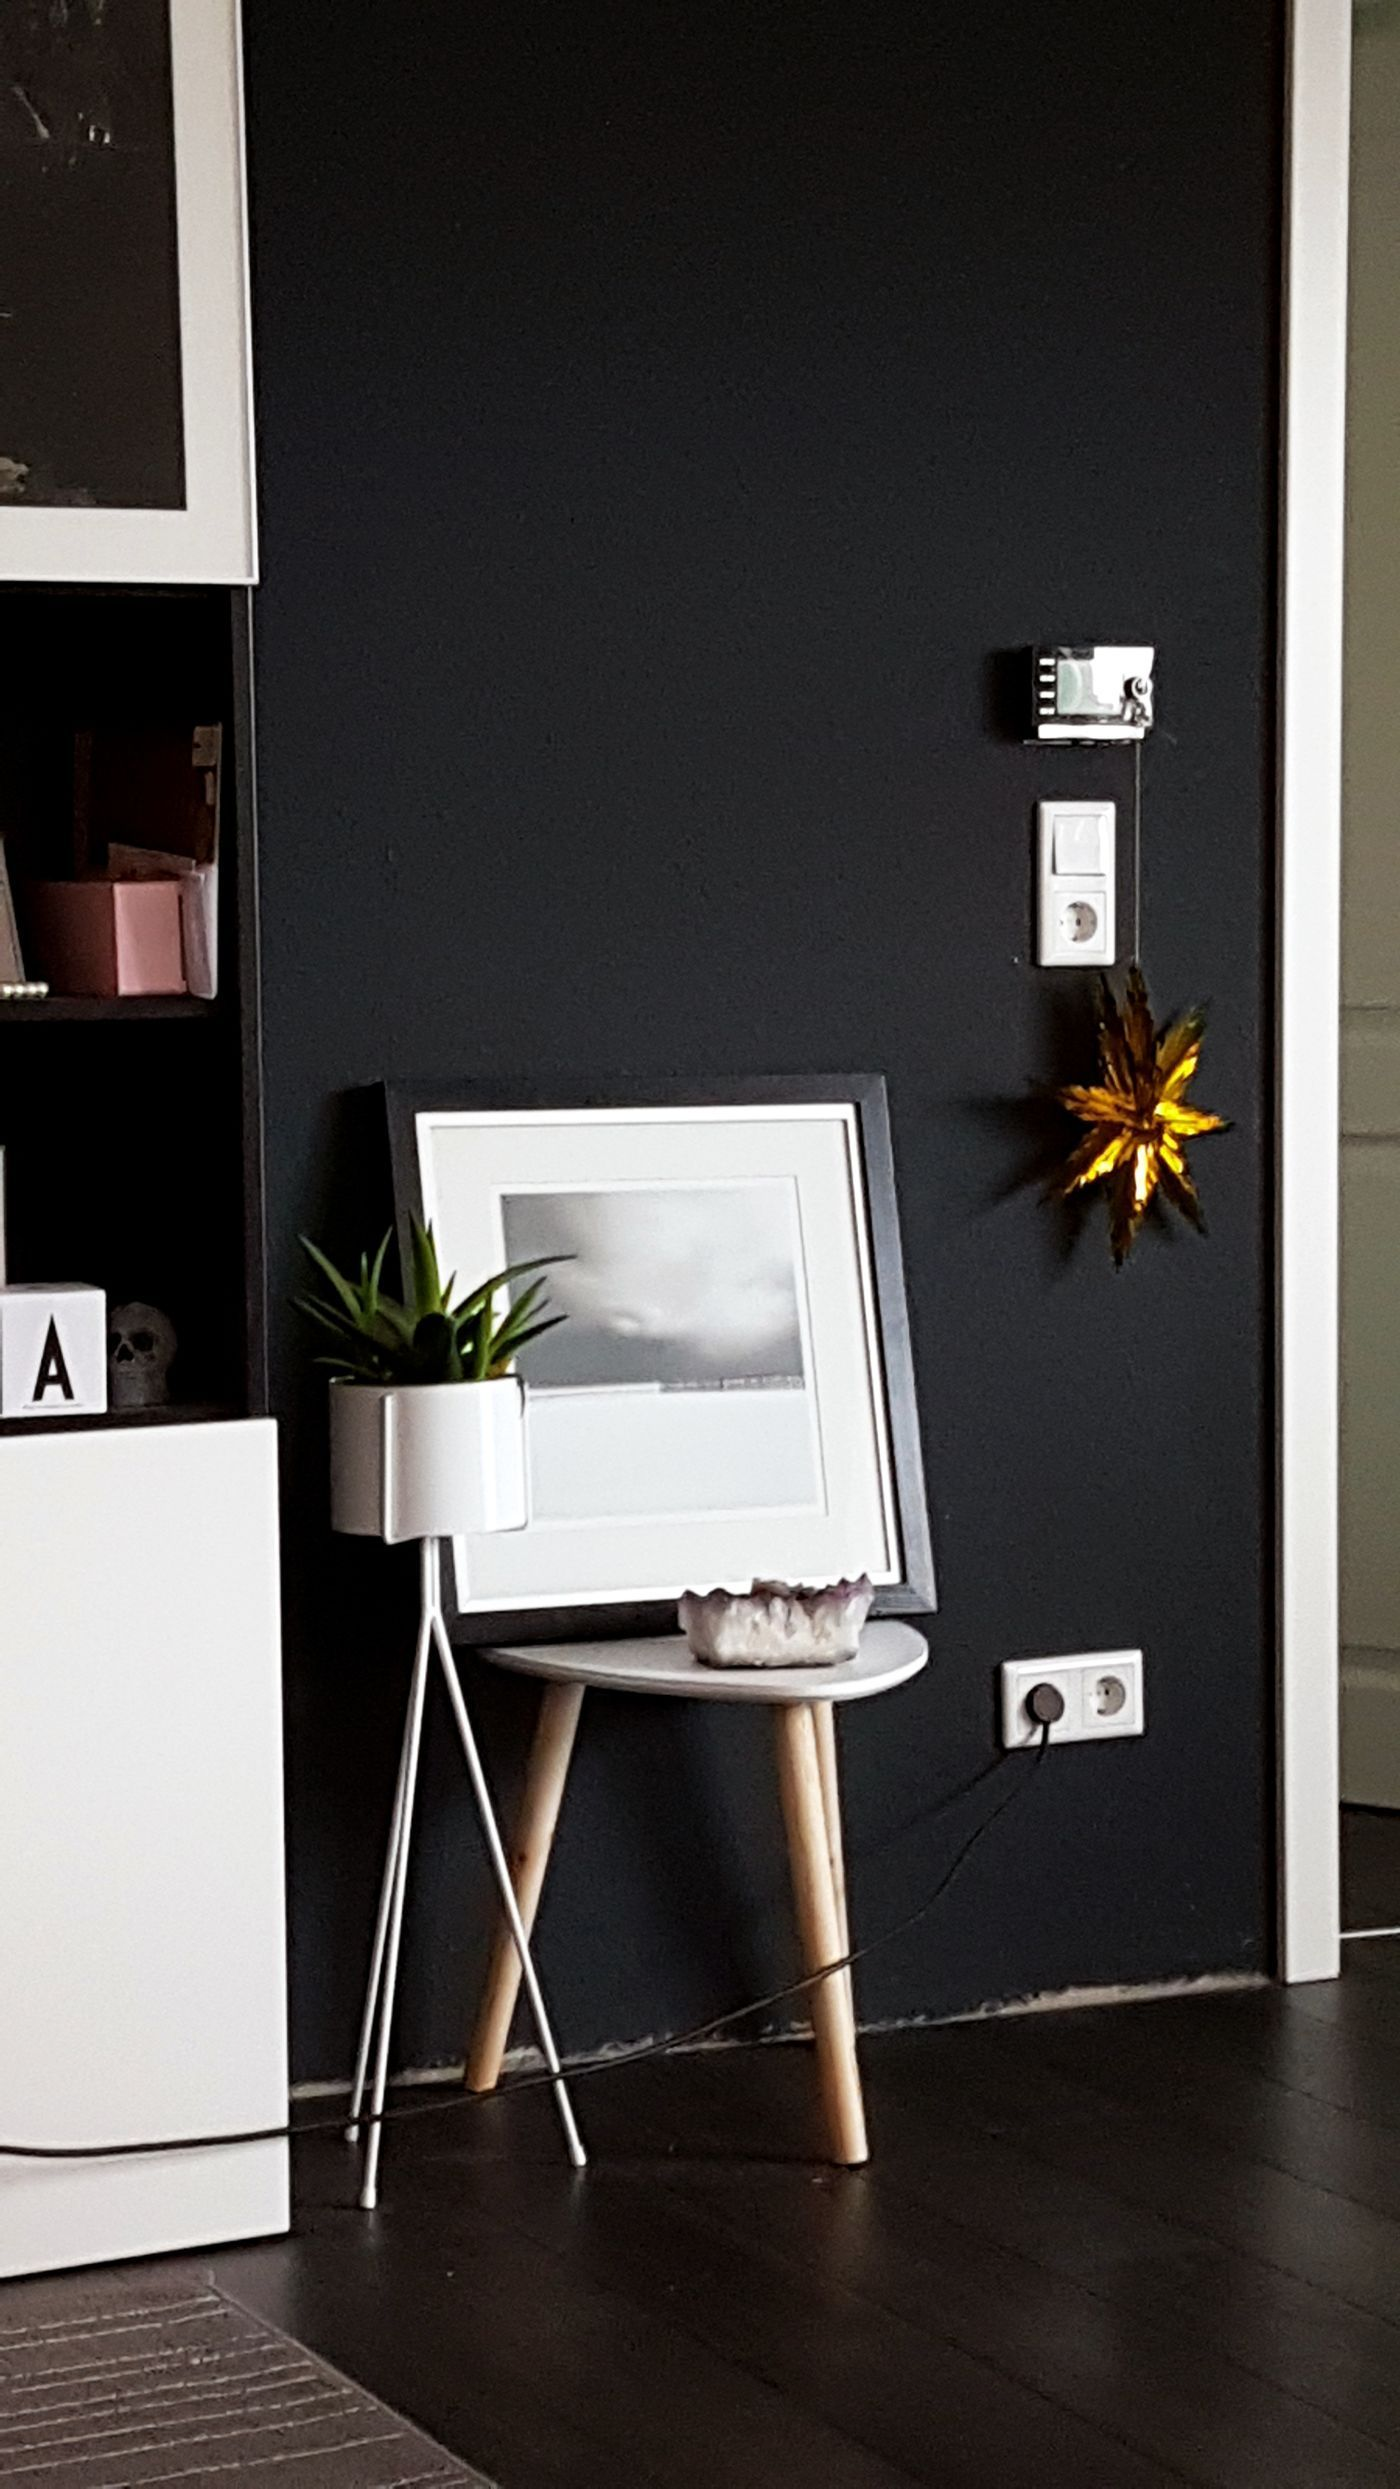 Wohnzimmer | Haus deko